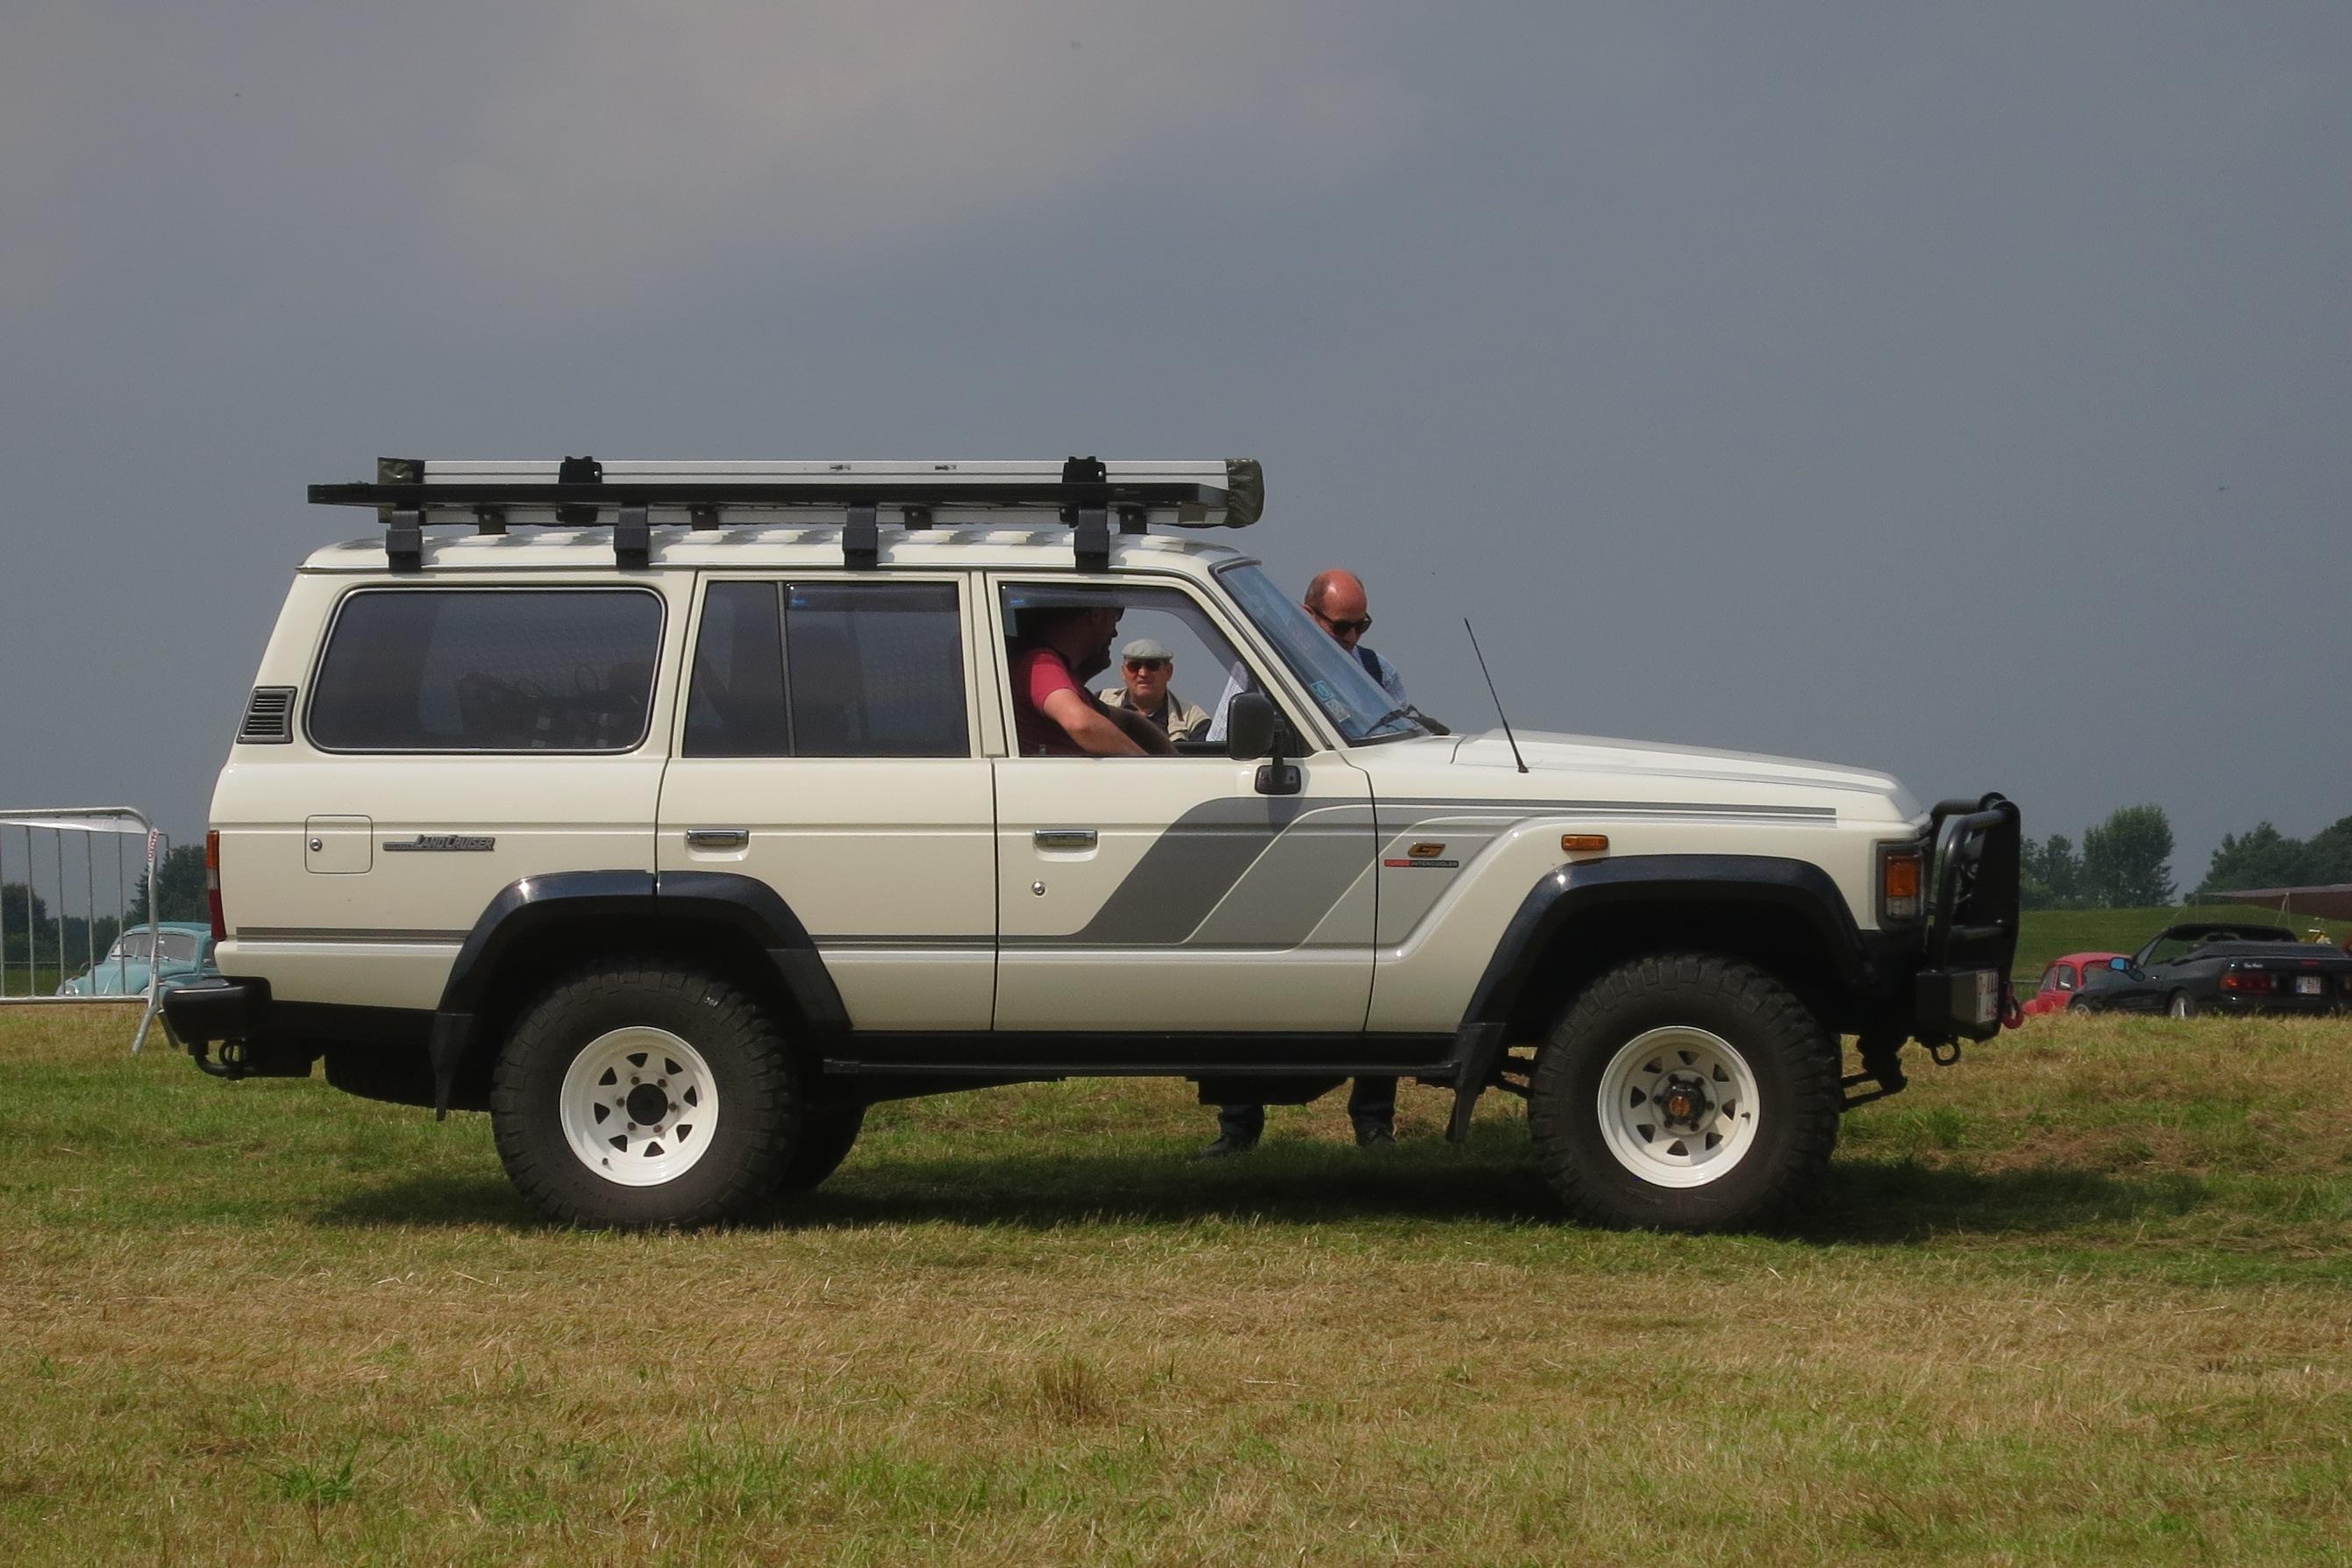 מגניב ביותר רכב שטח – ויקיפדיה QI-54